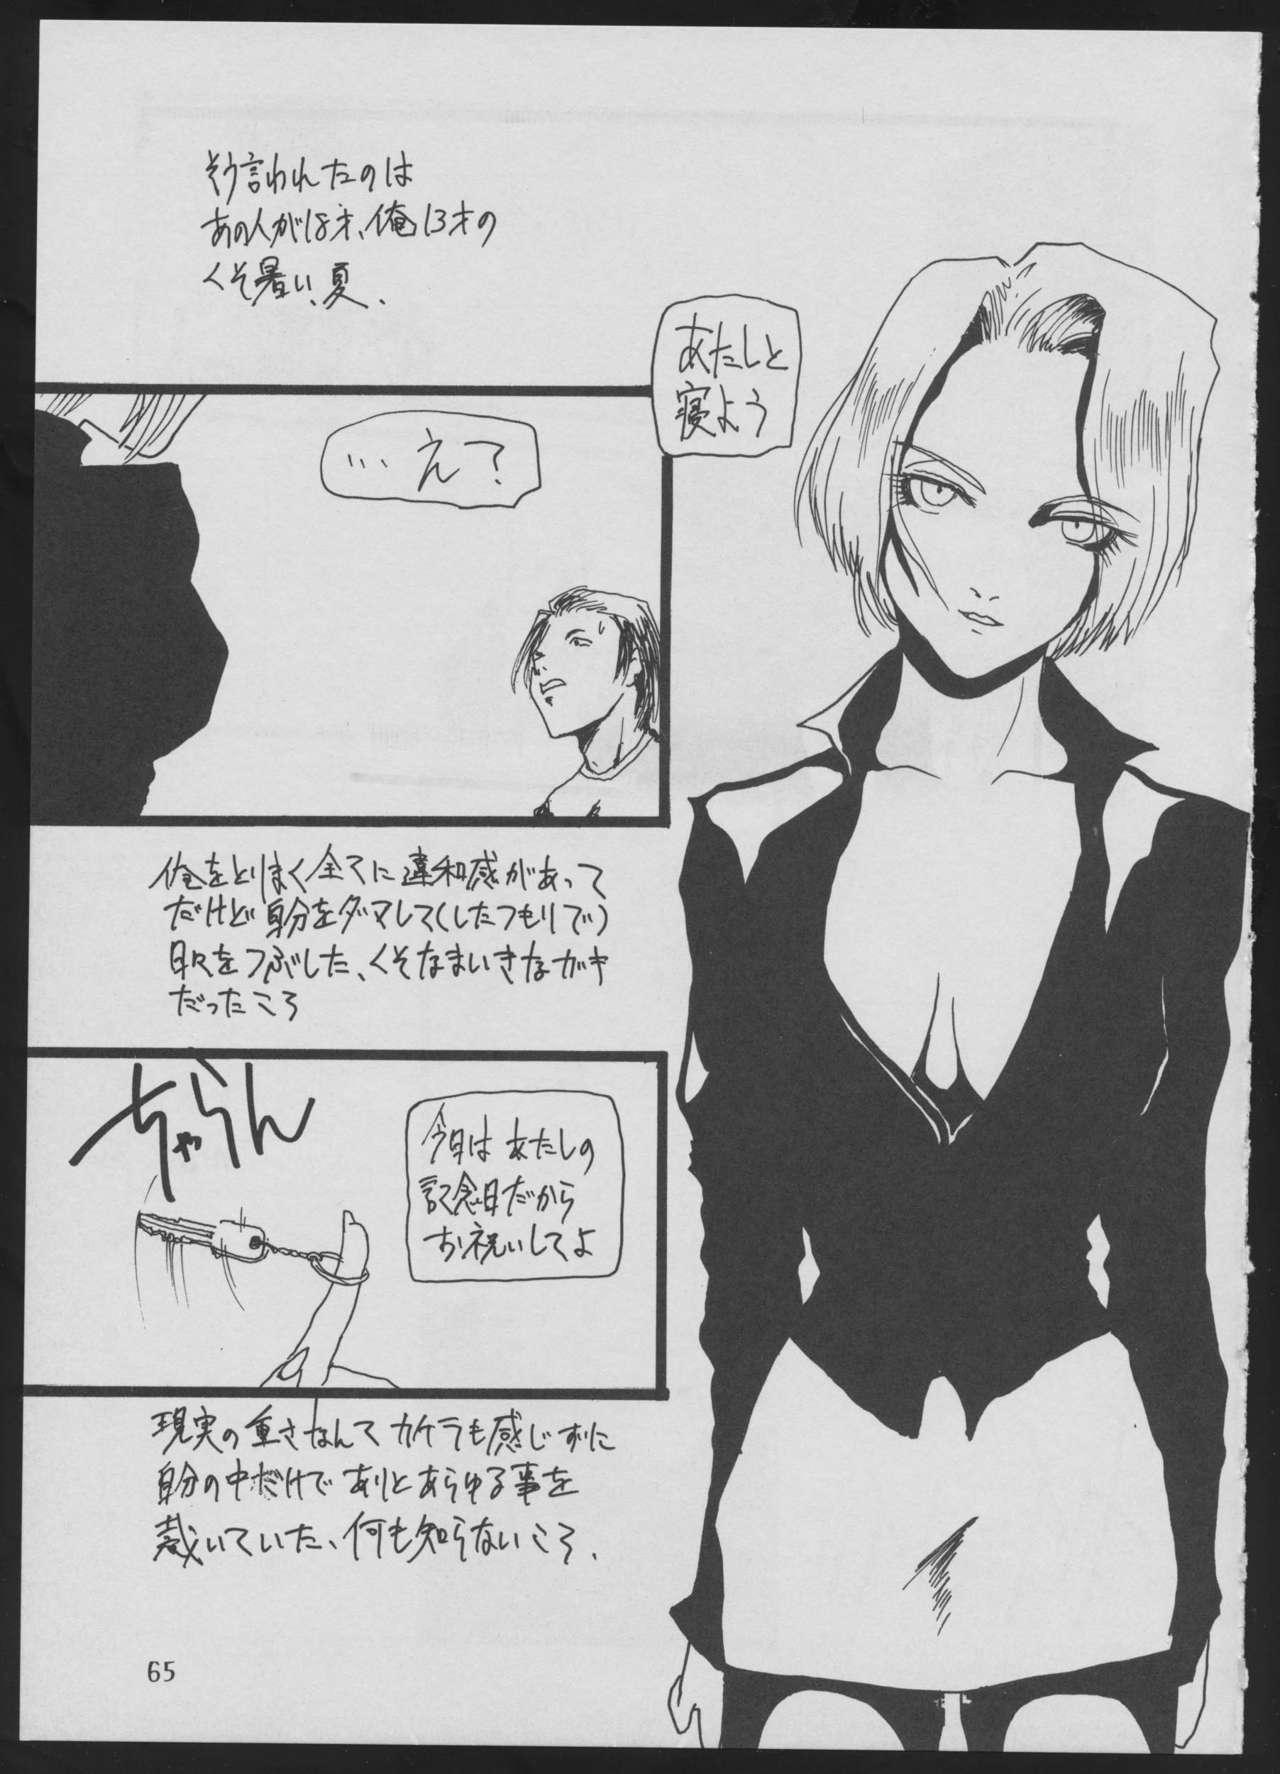 '96 Natsu no Game 18-kin Special 64